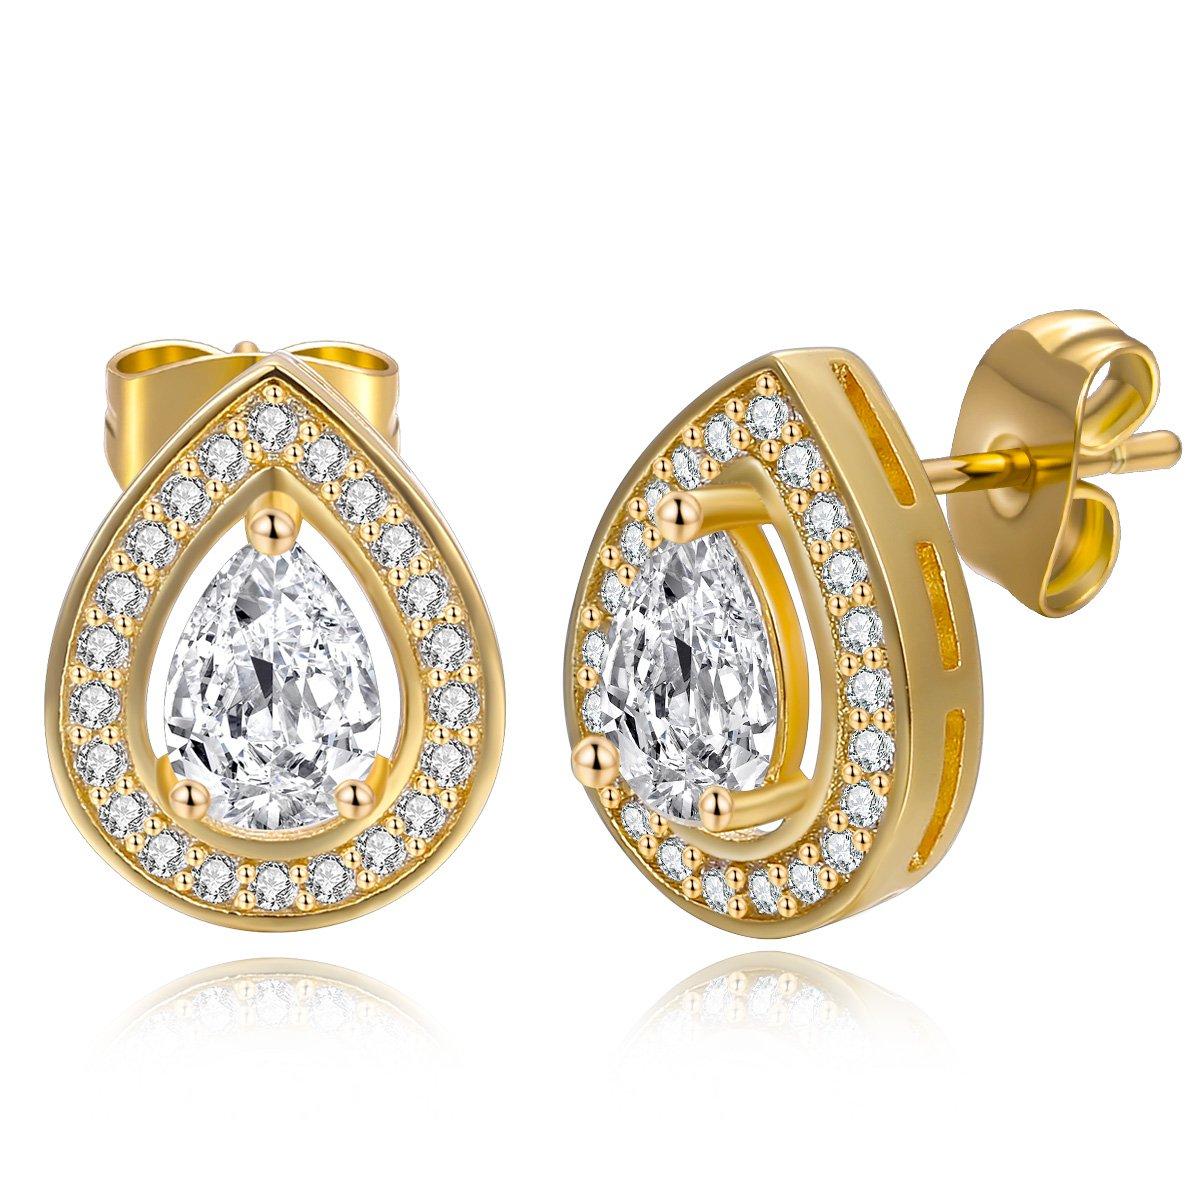 Teardrop CZ Stud Earrings In White/Yellow Gold Plated Hypoallergenic for Women Girls